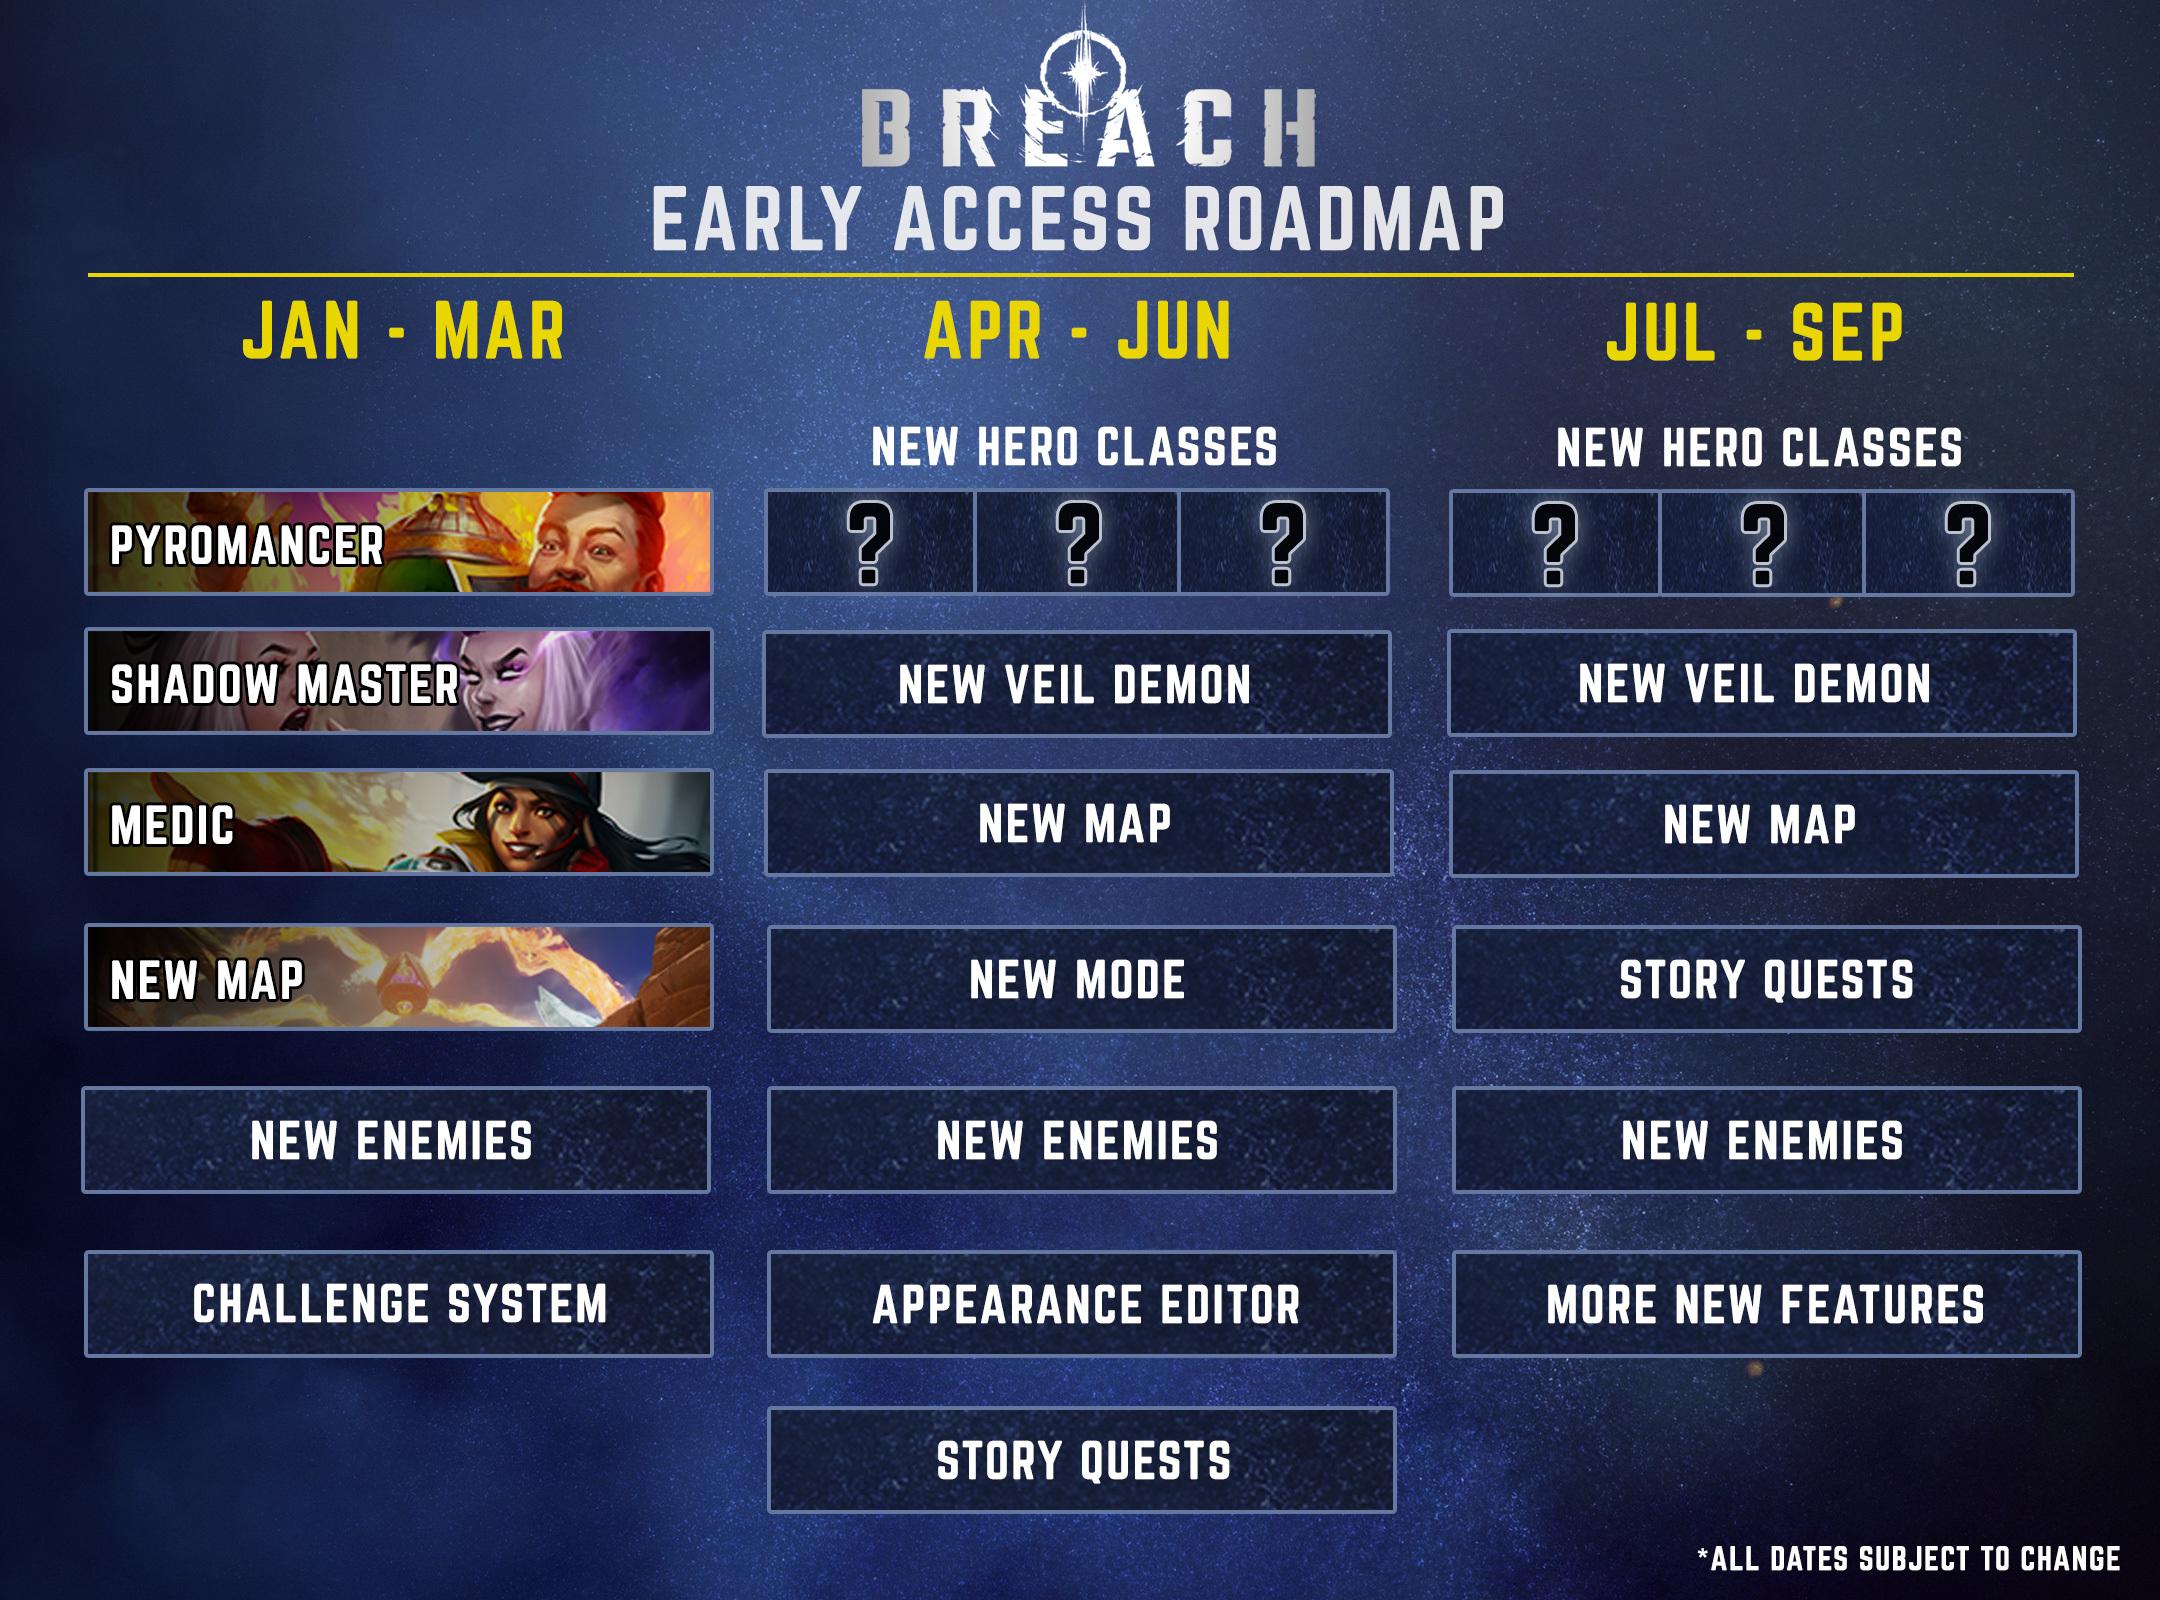 Breach, QC Games